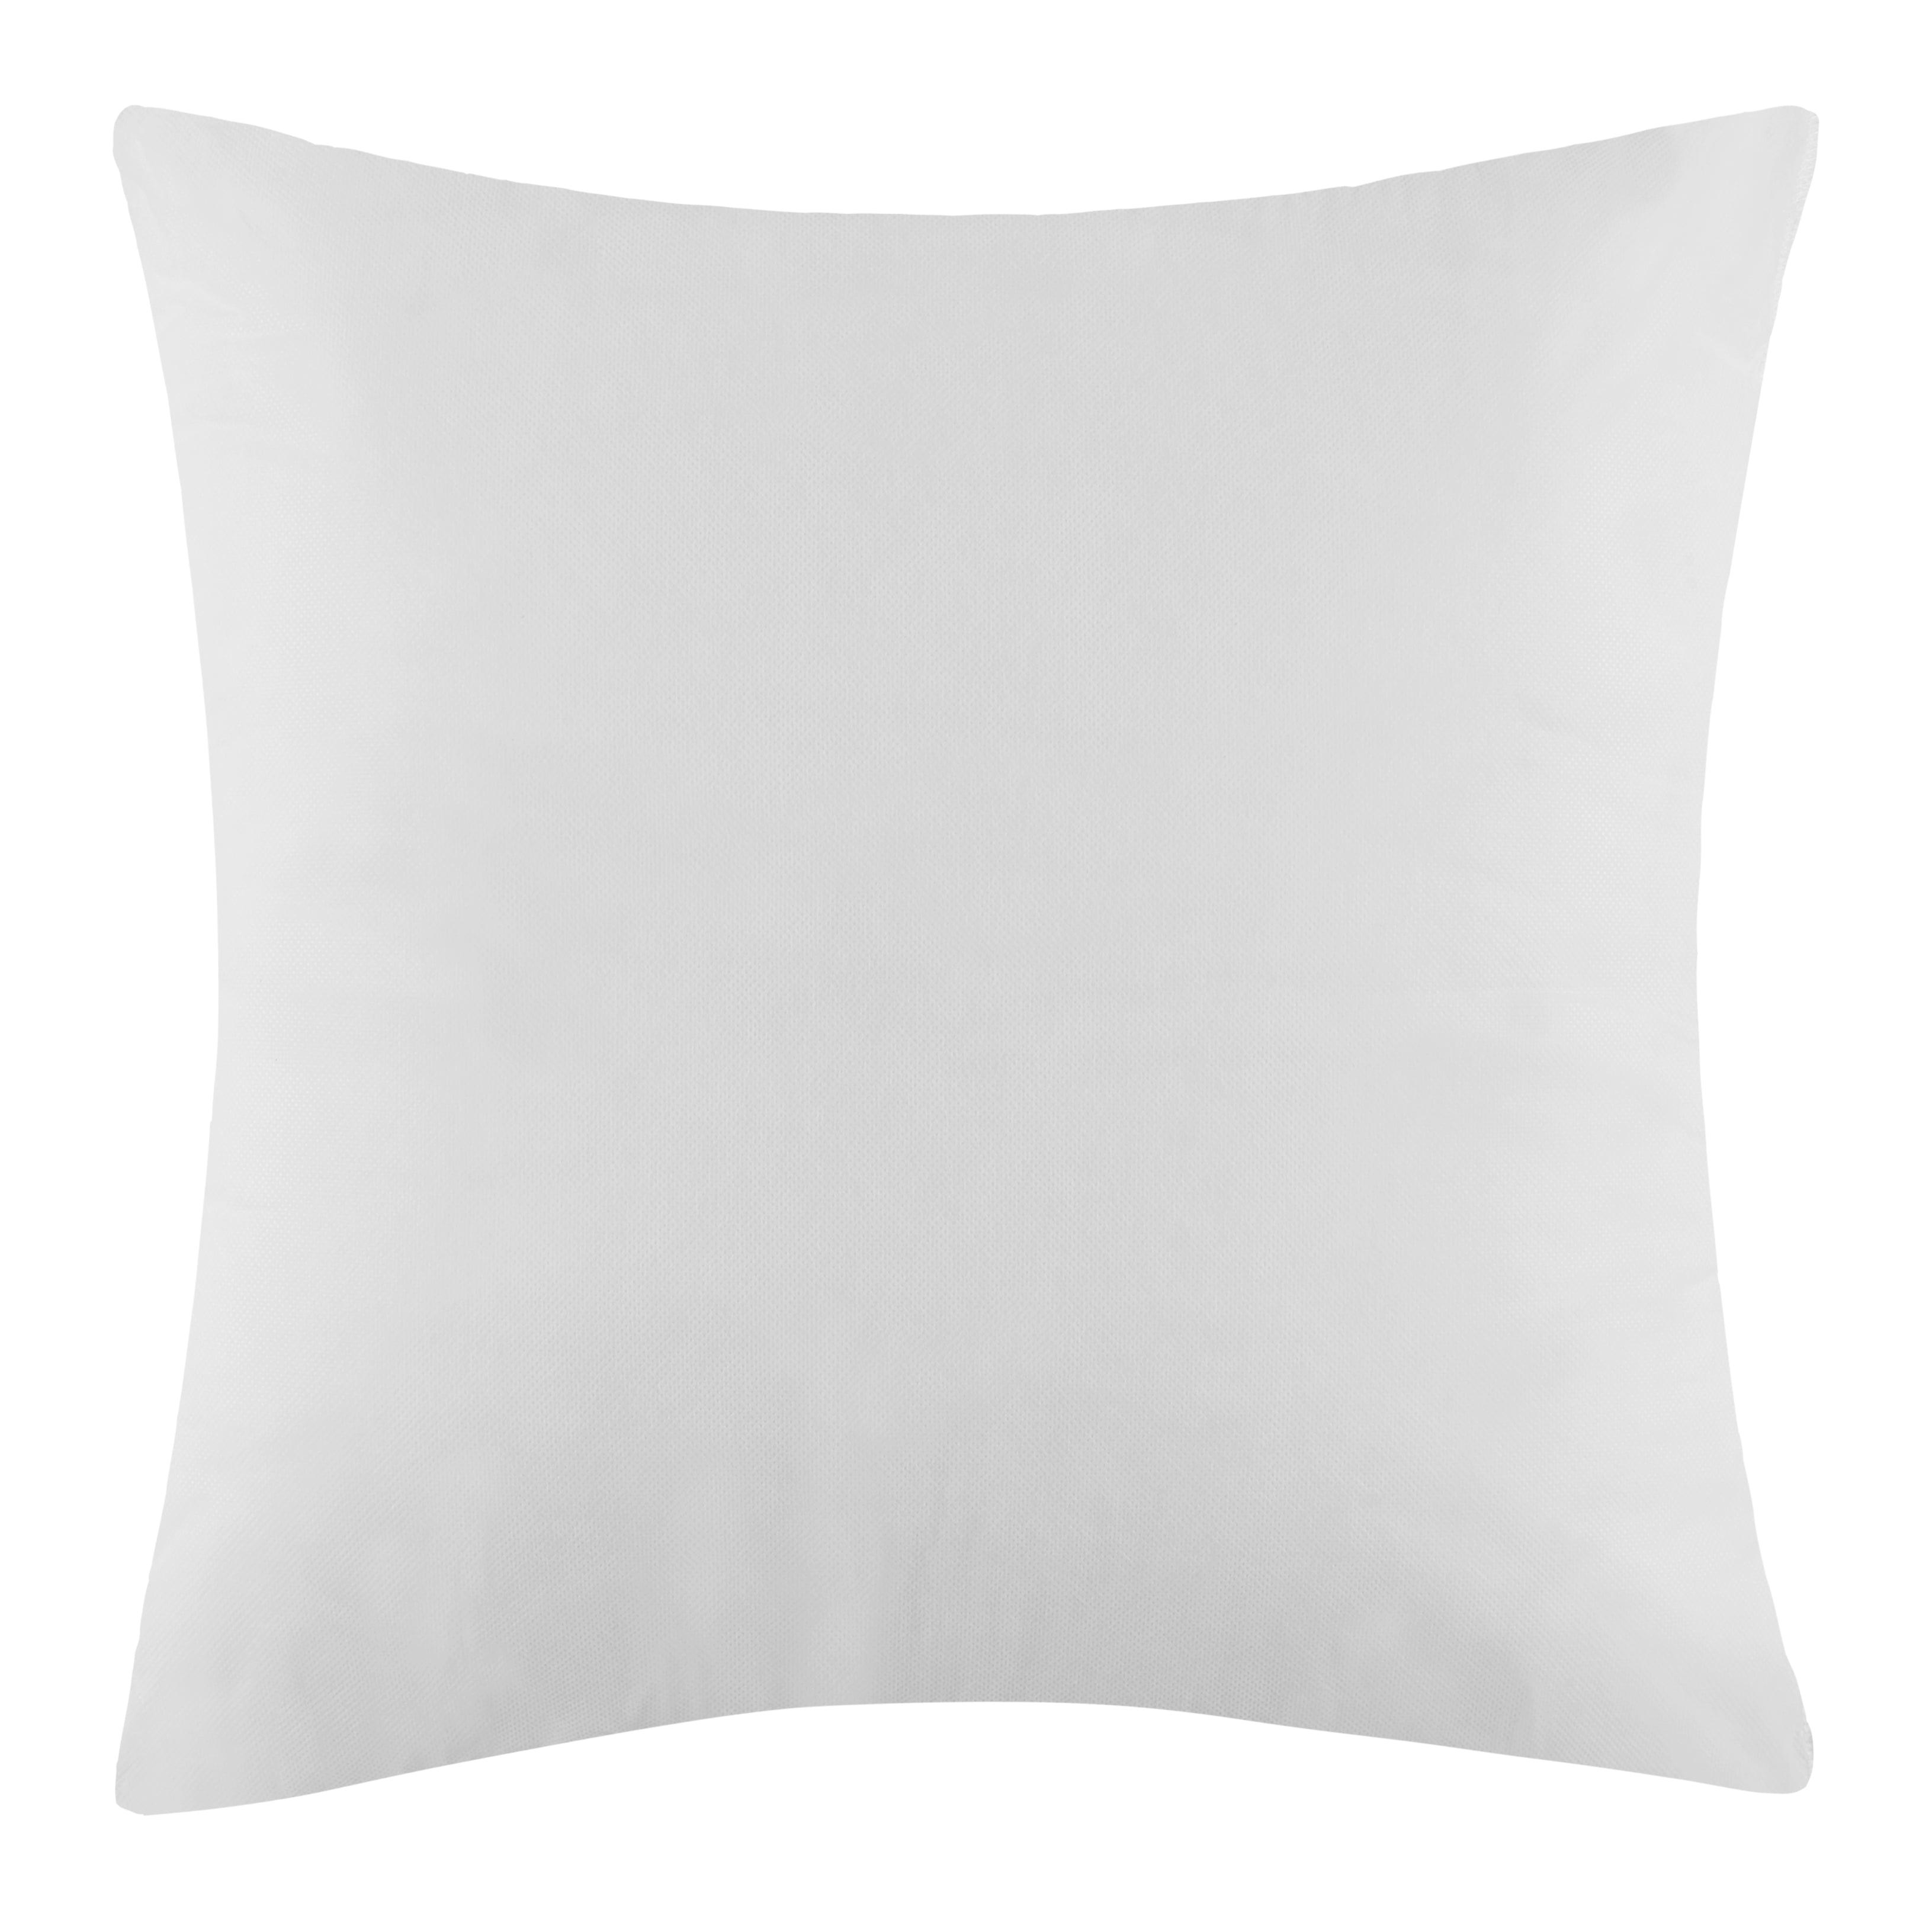 Coussin de garnissage 60x60 cm Blanc